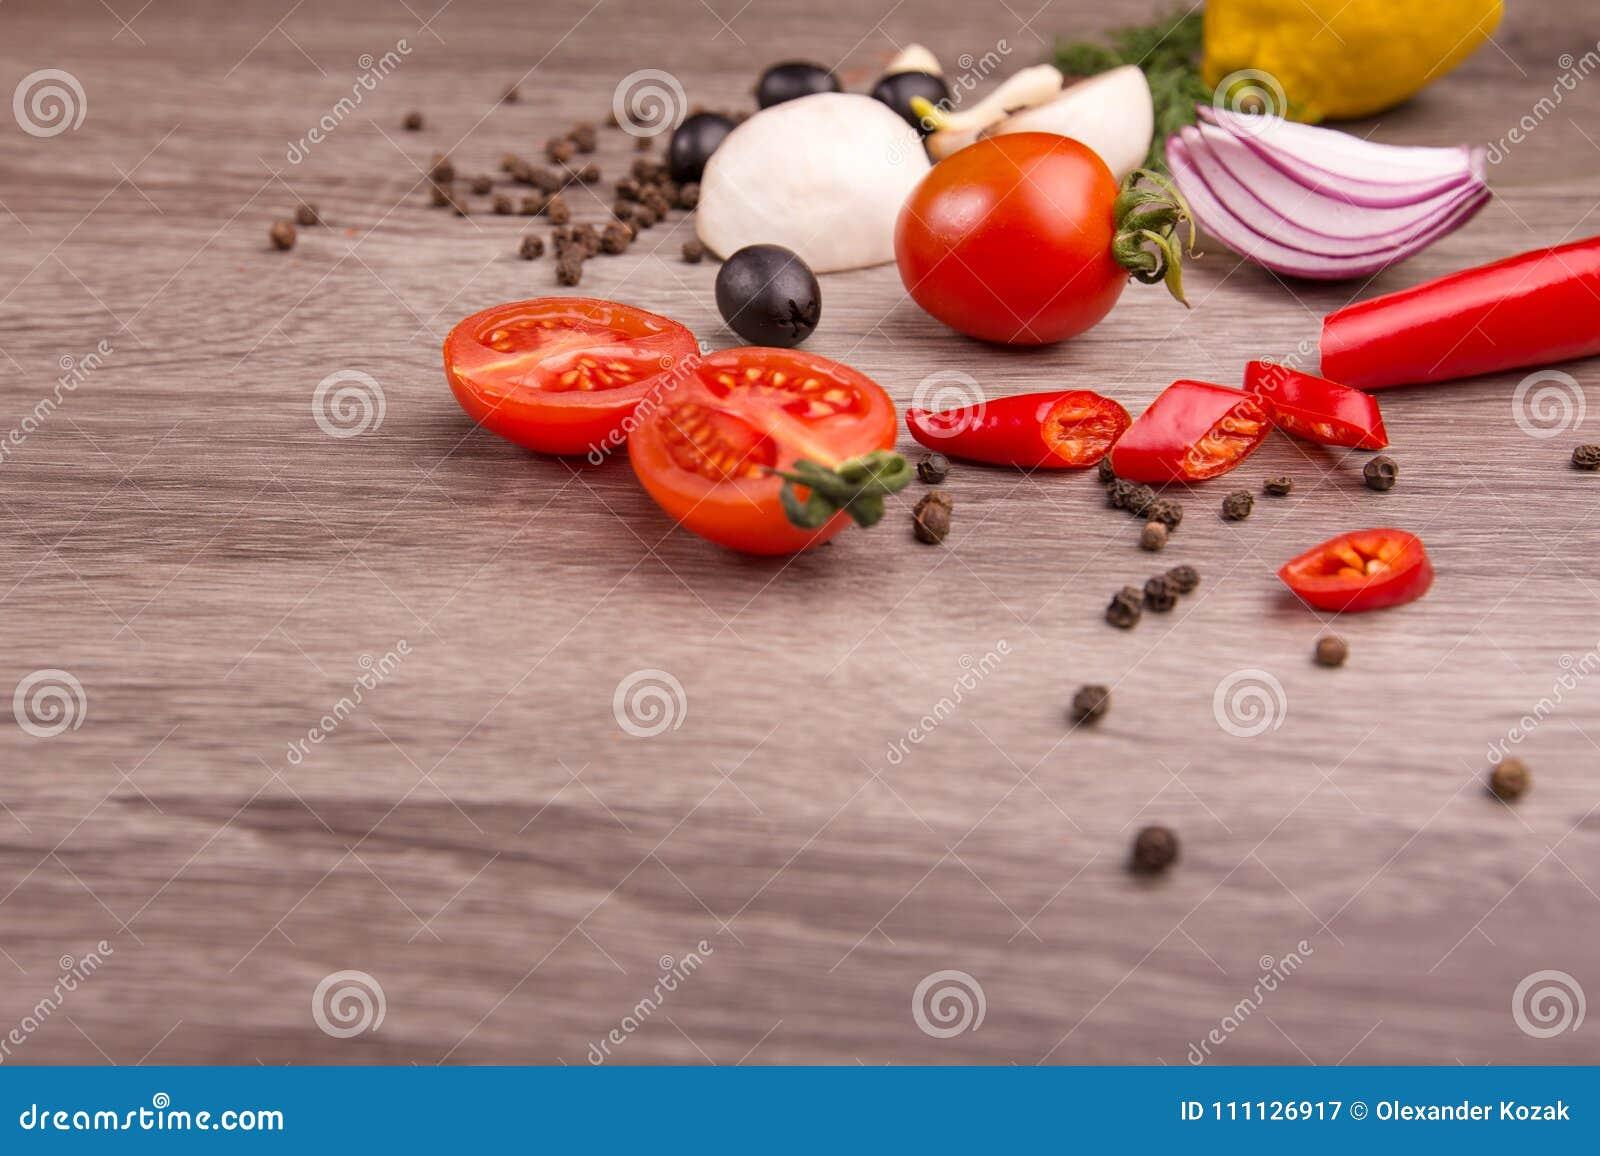 不同的水果和蔬菜健康食物背景/演播室照片在木桌上